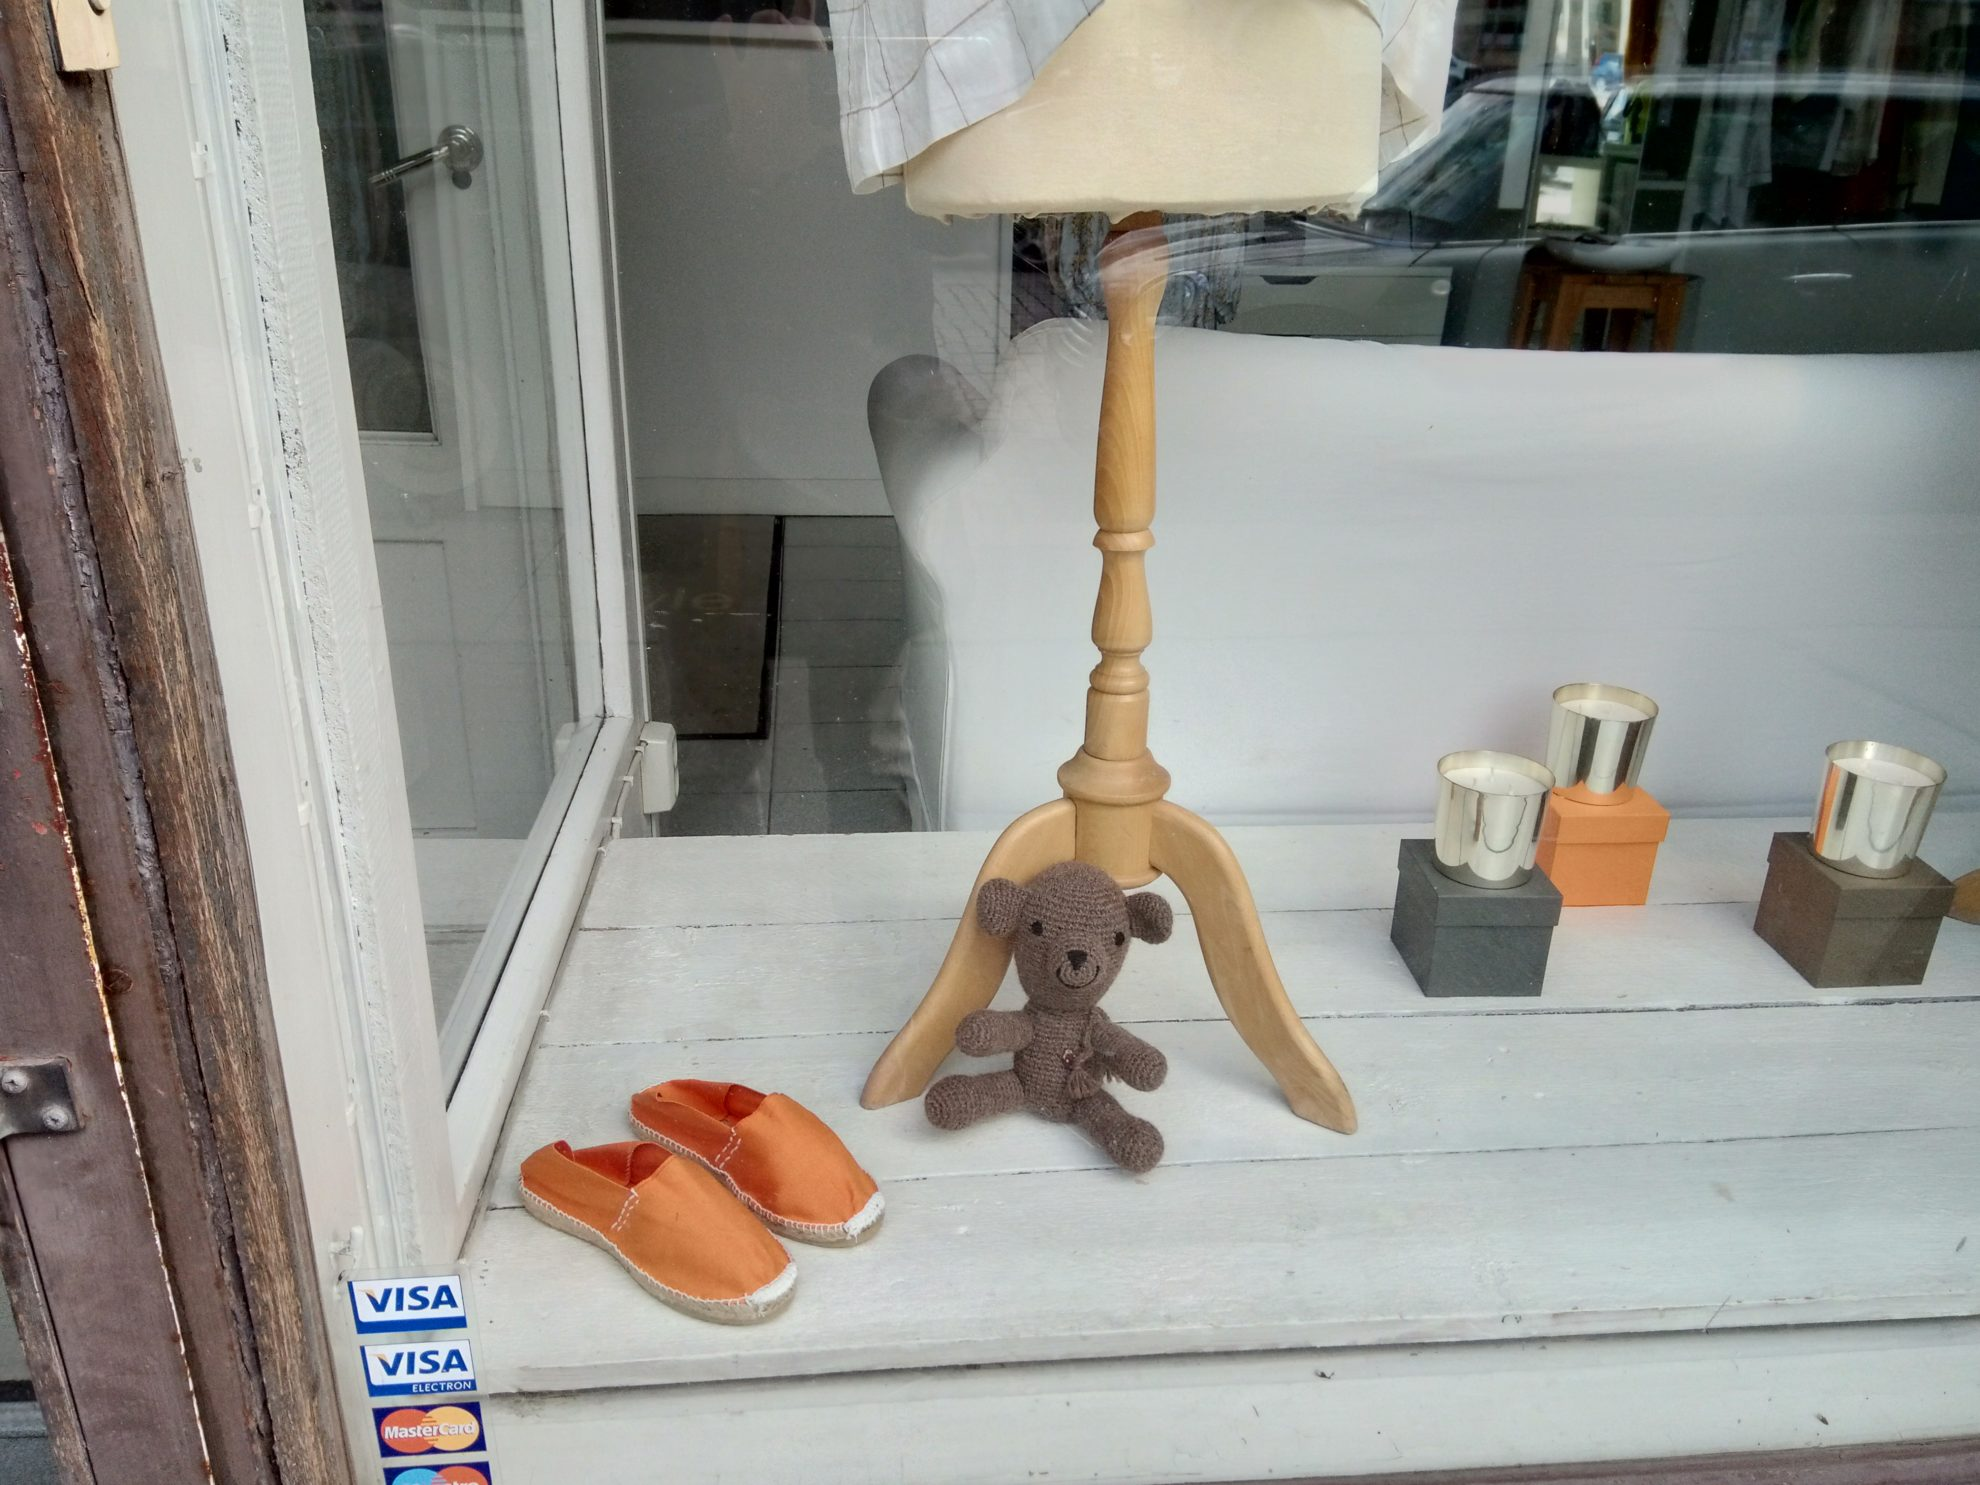 お店のショーウィンドウにも小さなクマのぬいぐるみを発見